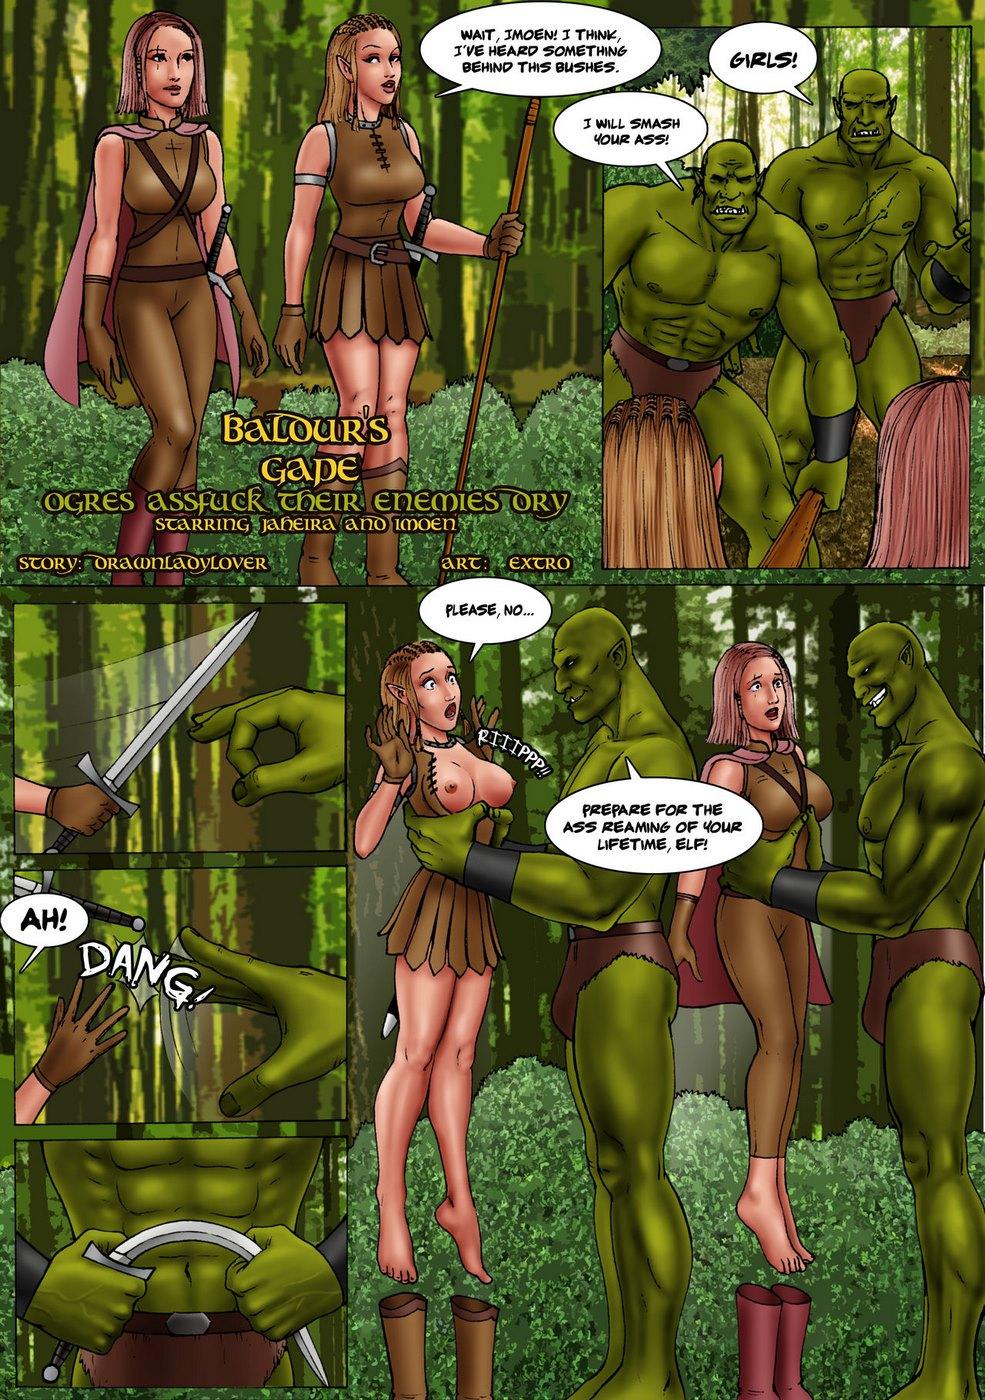 Baldur\'s Gape- Ogres assfuck their enemies dry best